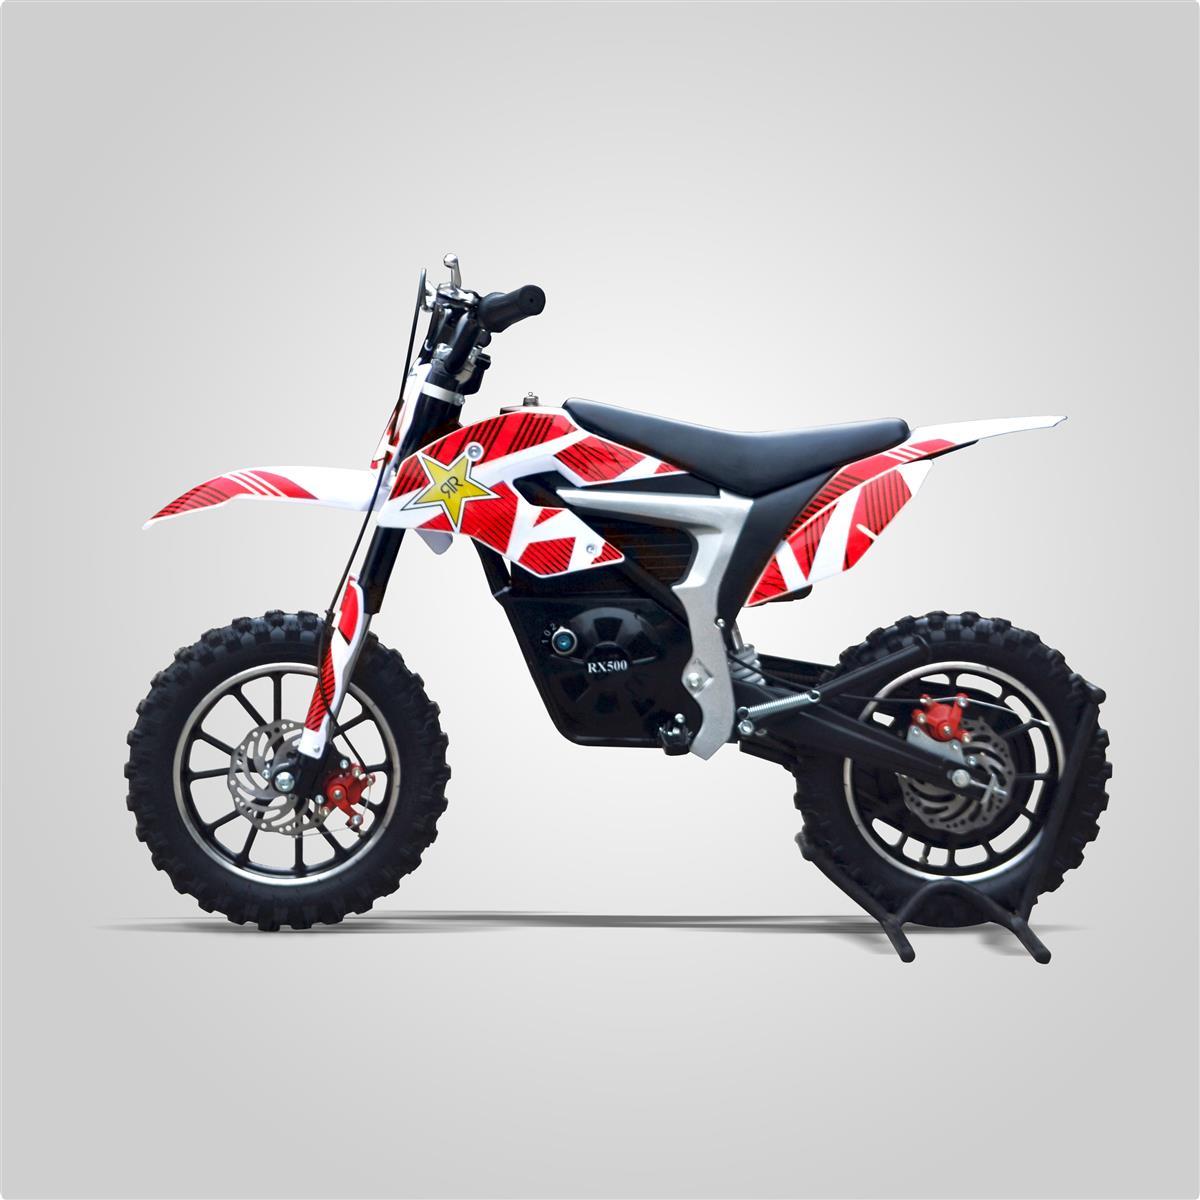 pocket cross rx 500w rouge mod le lectrique smallmx dirt bike pit bike quads minimoto. Black Bedroom Furniture Sets. Home Design Ideas